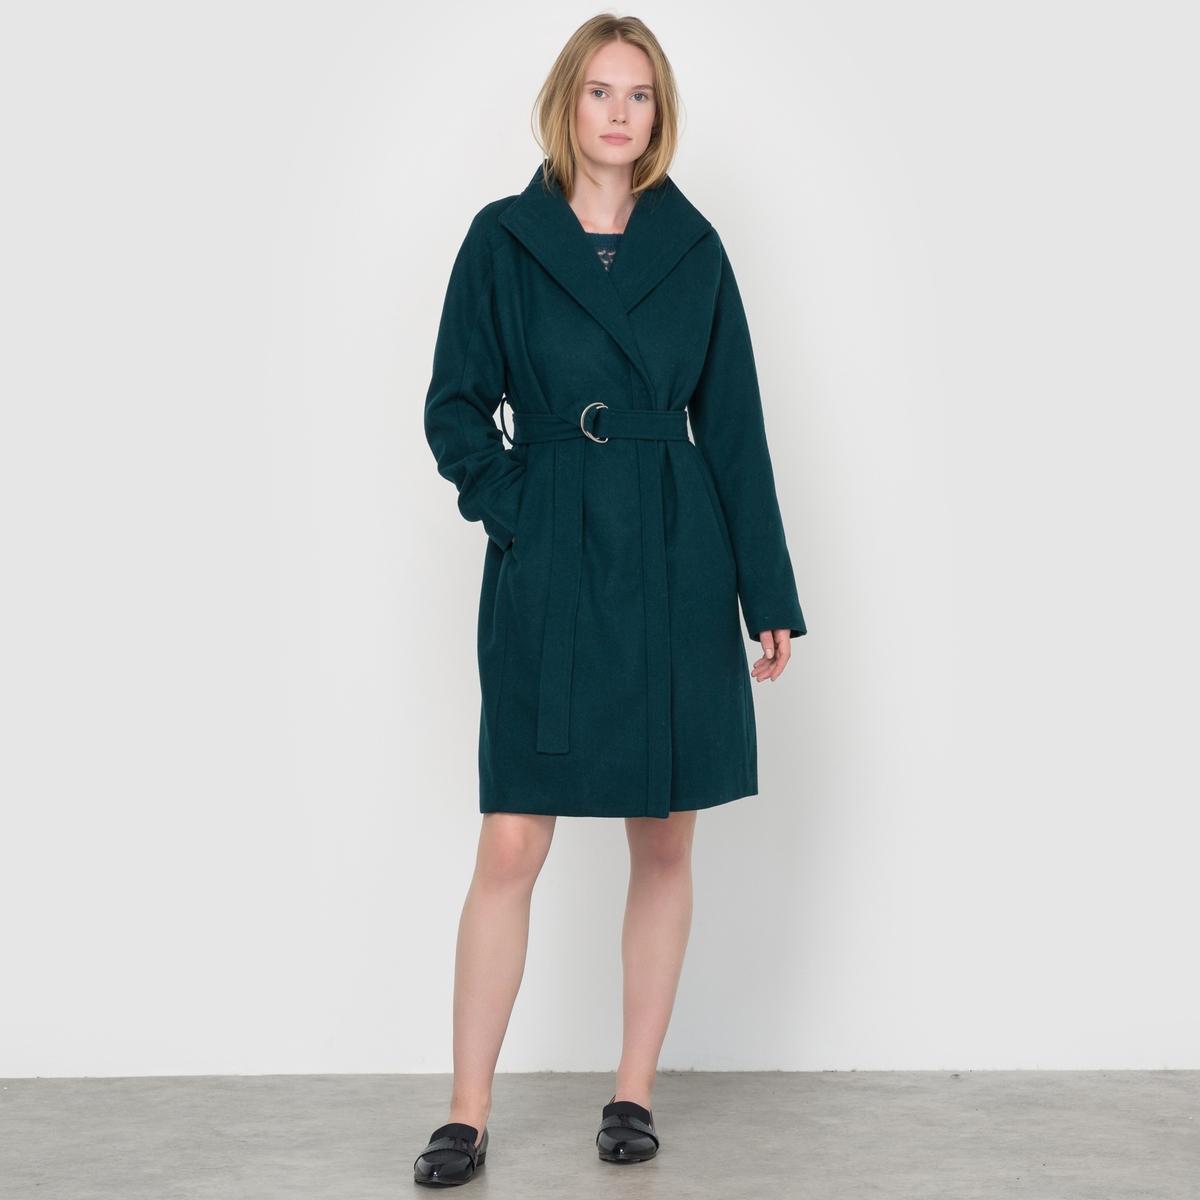 Пальто средней длины TerrisСостав и описаниеМатериал : 60% полиэстера, 40% шерсти.Марка : IchiМодель : TerrisУходСледуйте рекомендациям по уходу, указанным на ярлыке изделия<br><br>Цвет: зеленый лесной<br>Размер: M